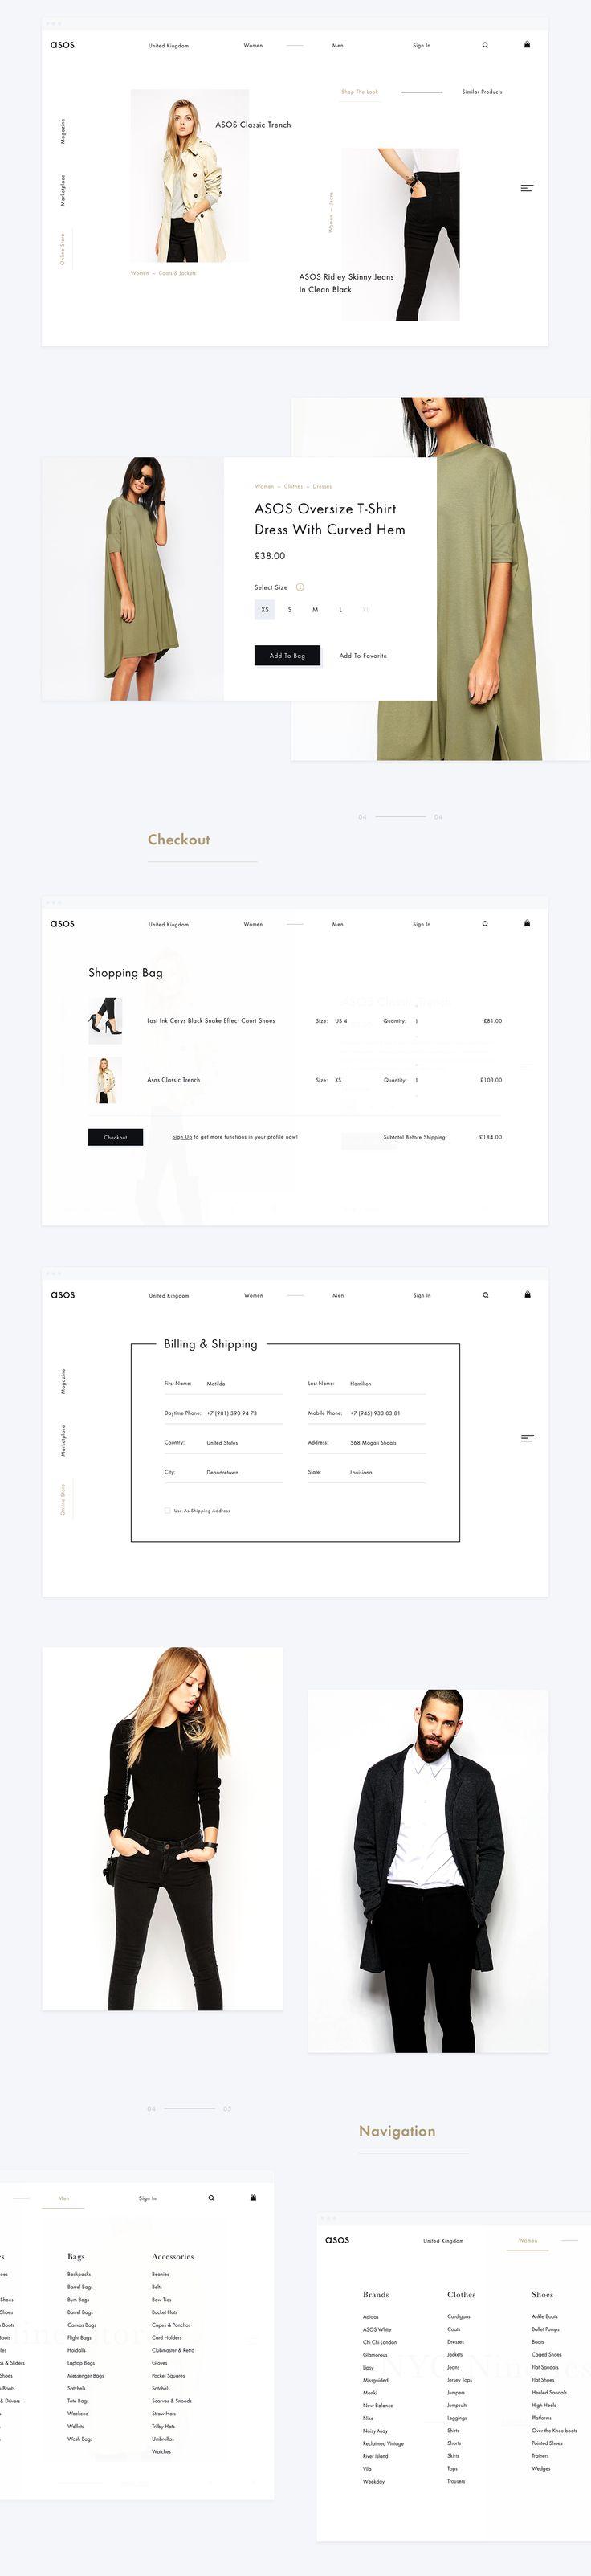 Asos UI Design Concept